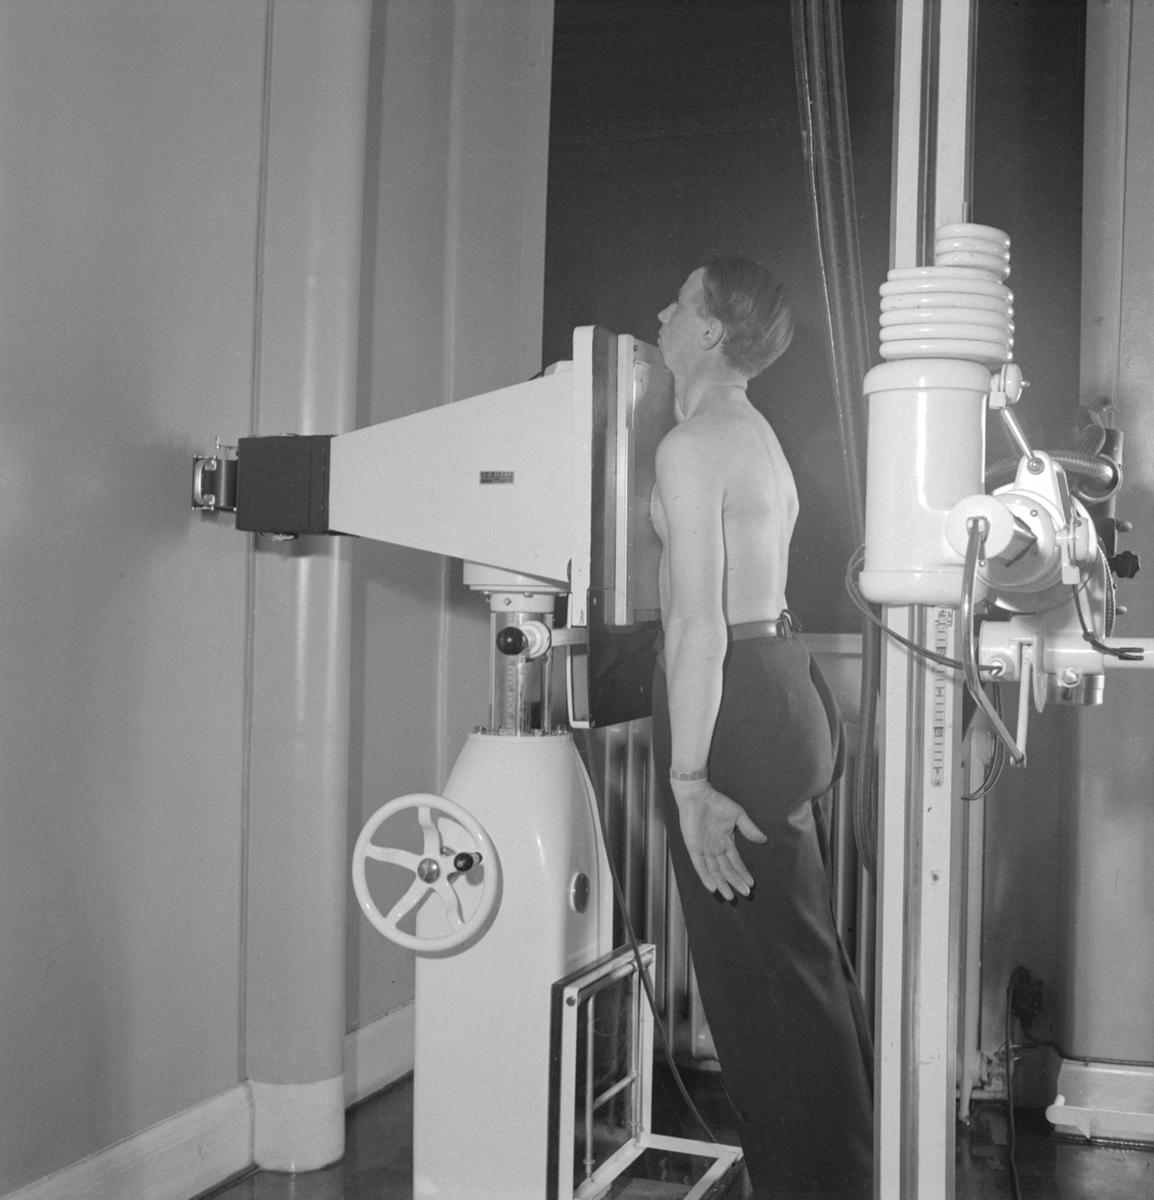 Motiv från den så kallade Centraldispensären i Linköping. Dispensär var förr en inrättning där läkareråd gavs och läkemedel utdelades gratis åt sådana patienter som ej kunde eller ej behövde vårdas på sjukhus eller vårdanstalt. Dispensärer inrättades i synnerhet för bekämpande av tuberkulos. Dispensärerna förlades ofta i anslutning till provinsialläkarmottagningarna.